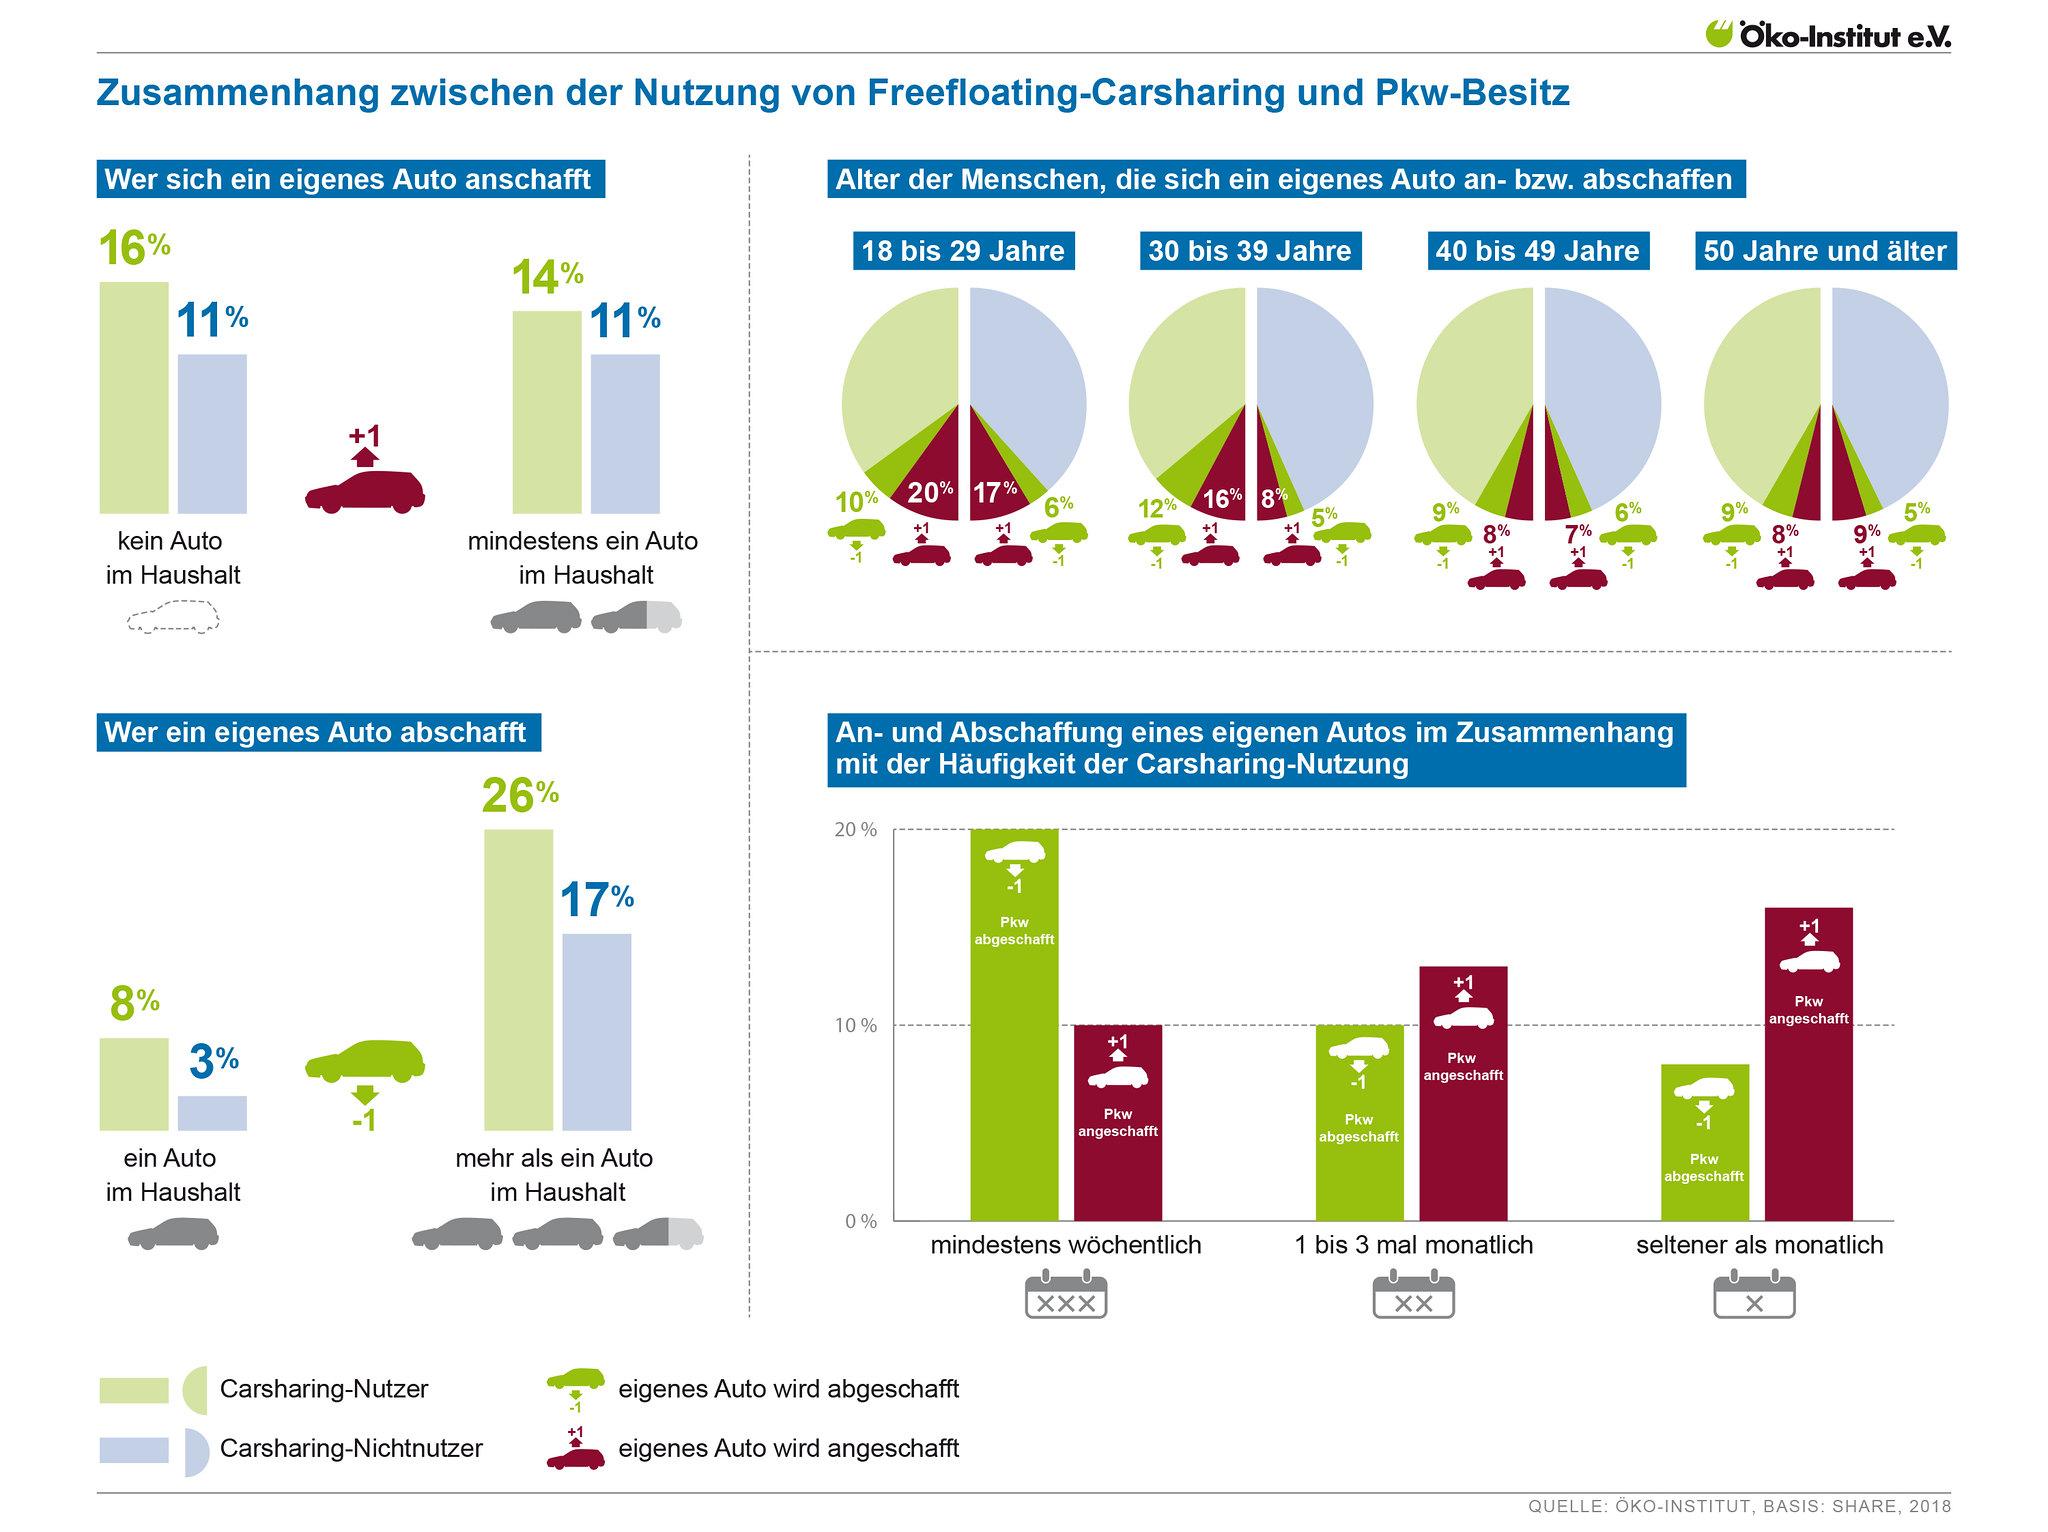 Zusammenhang zwischen der Nutzung von Freefloating-Carsharing und Pkw-Besitz